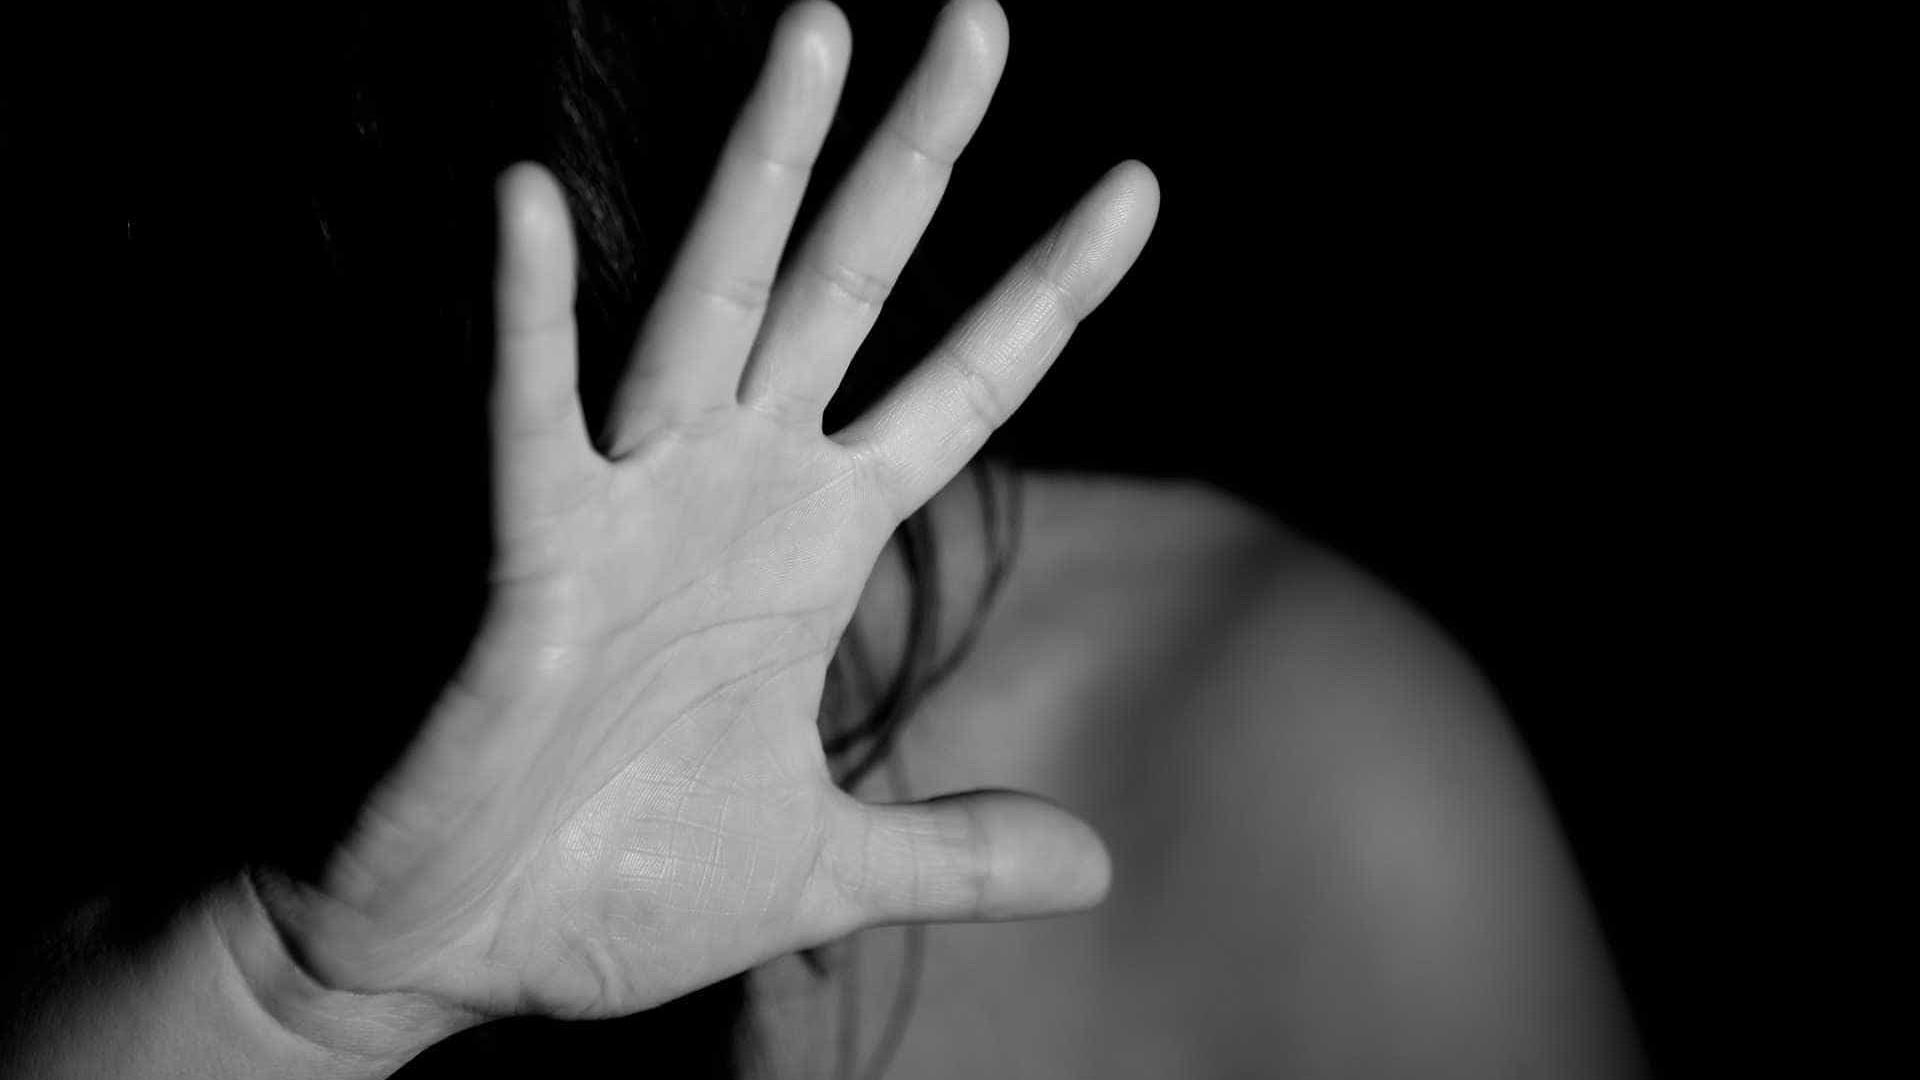 Filho morde barriga de ladrão para proteger mãe de assalto